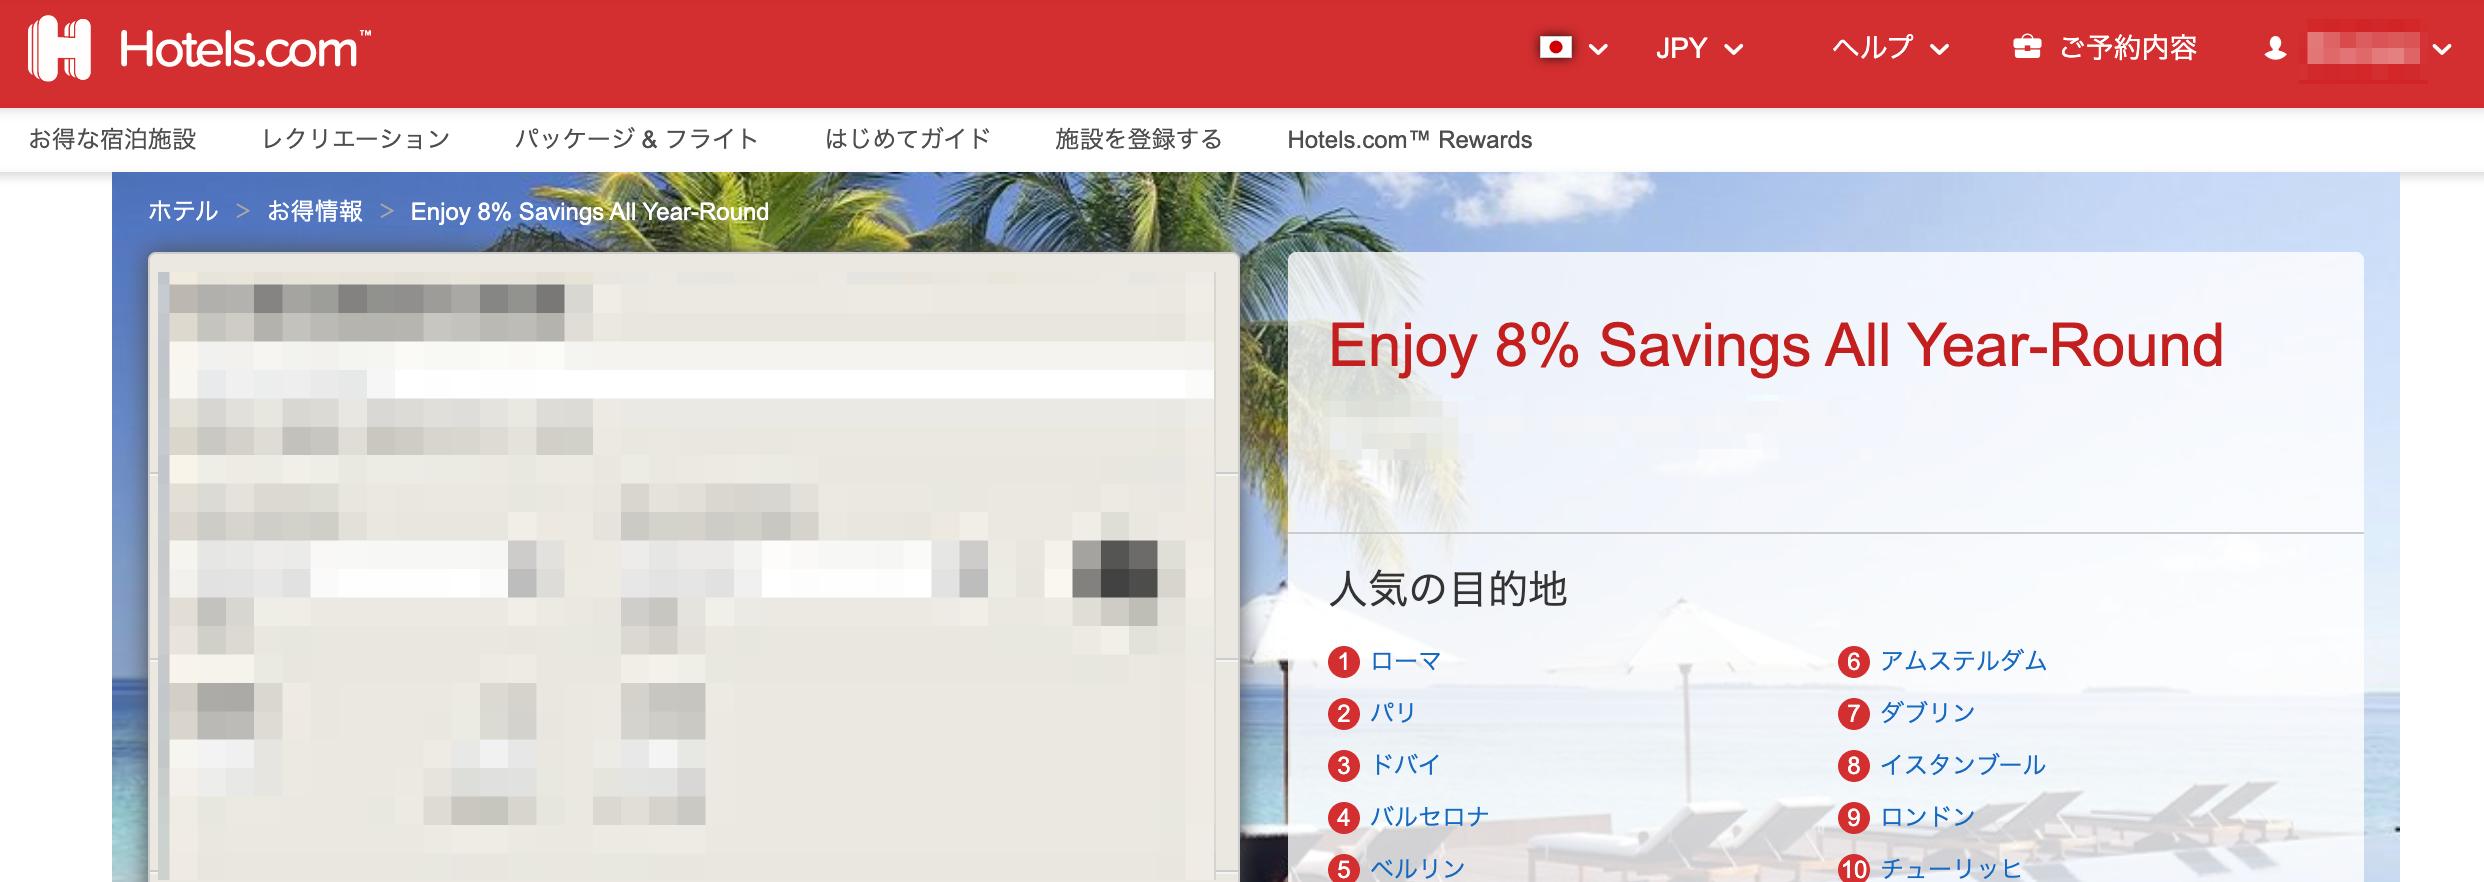 ホテルズドットコム(Hotels.com)の国内・海外ホテル予約8%割引クーポン(マスターカード会員限定)